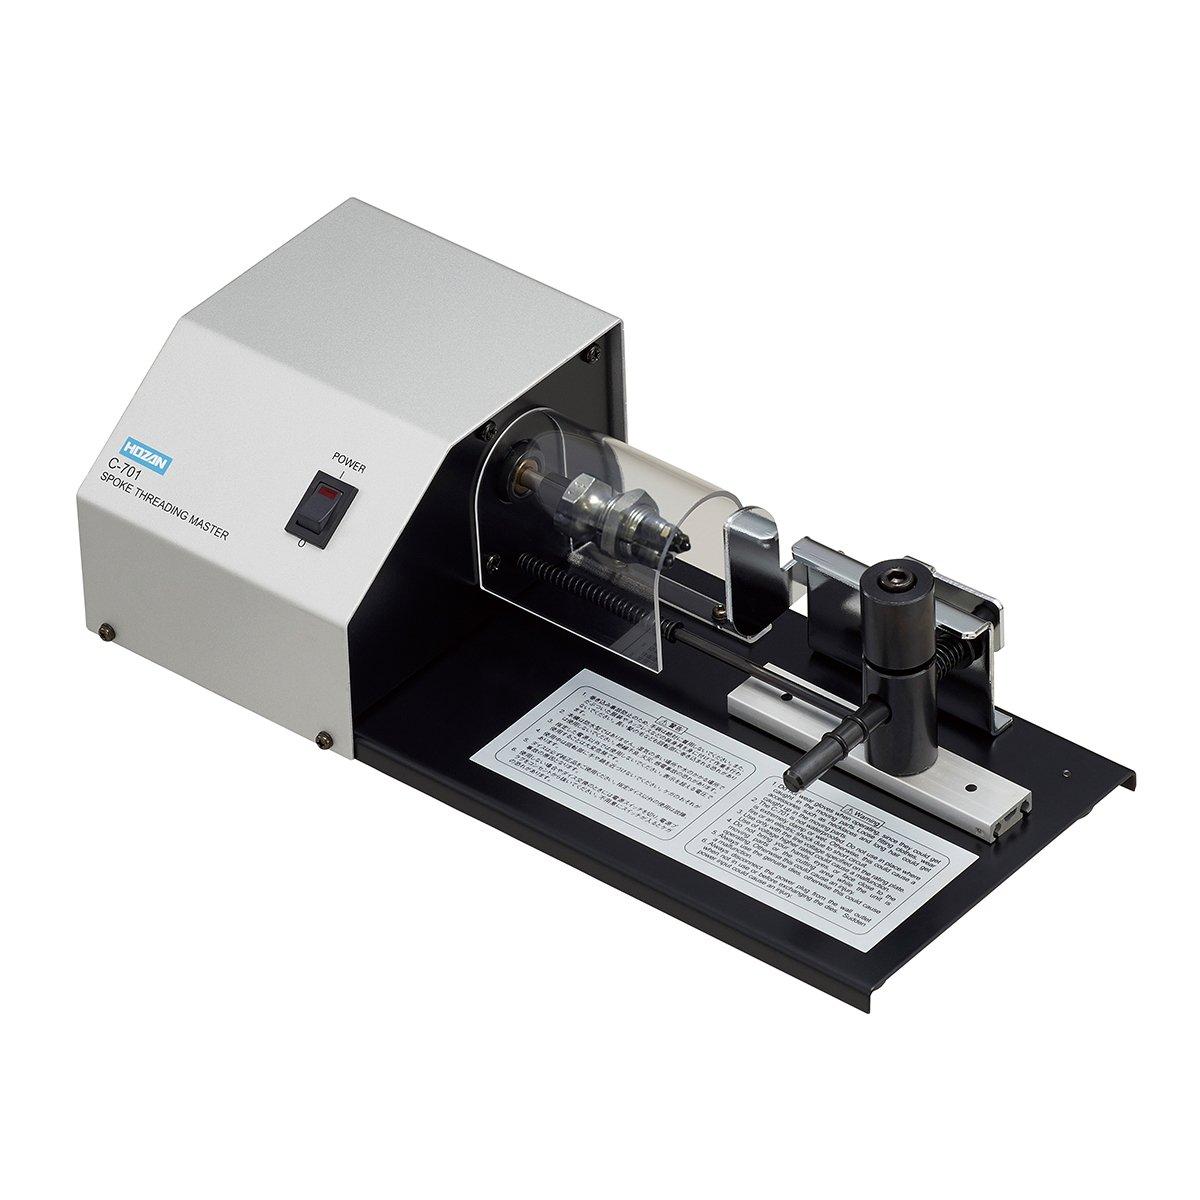 ホーザン(HOZAN) 電動式スポークネジ切り機 #15対応 C-701-15   B07DD8R219